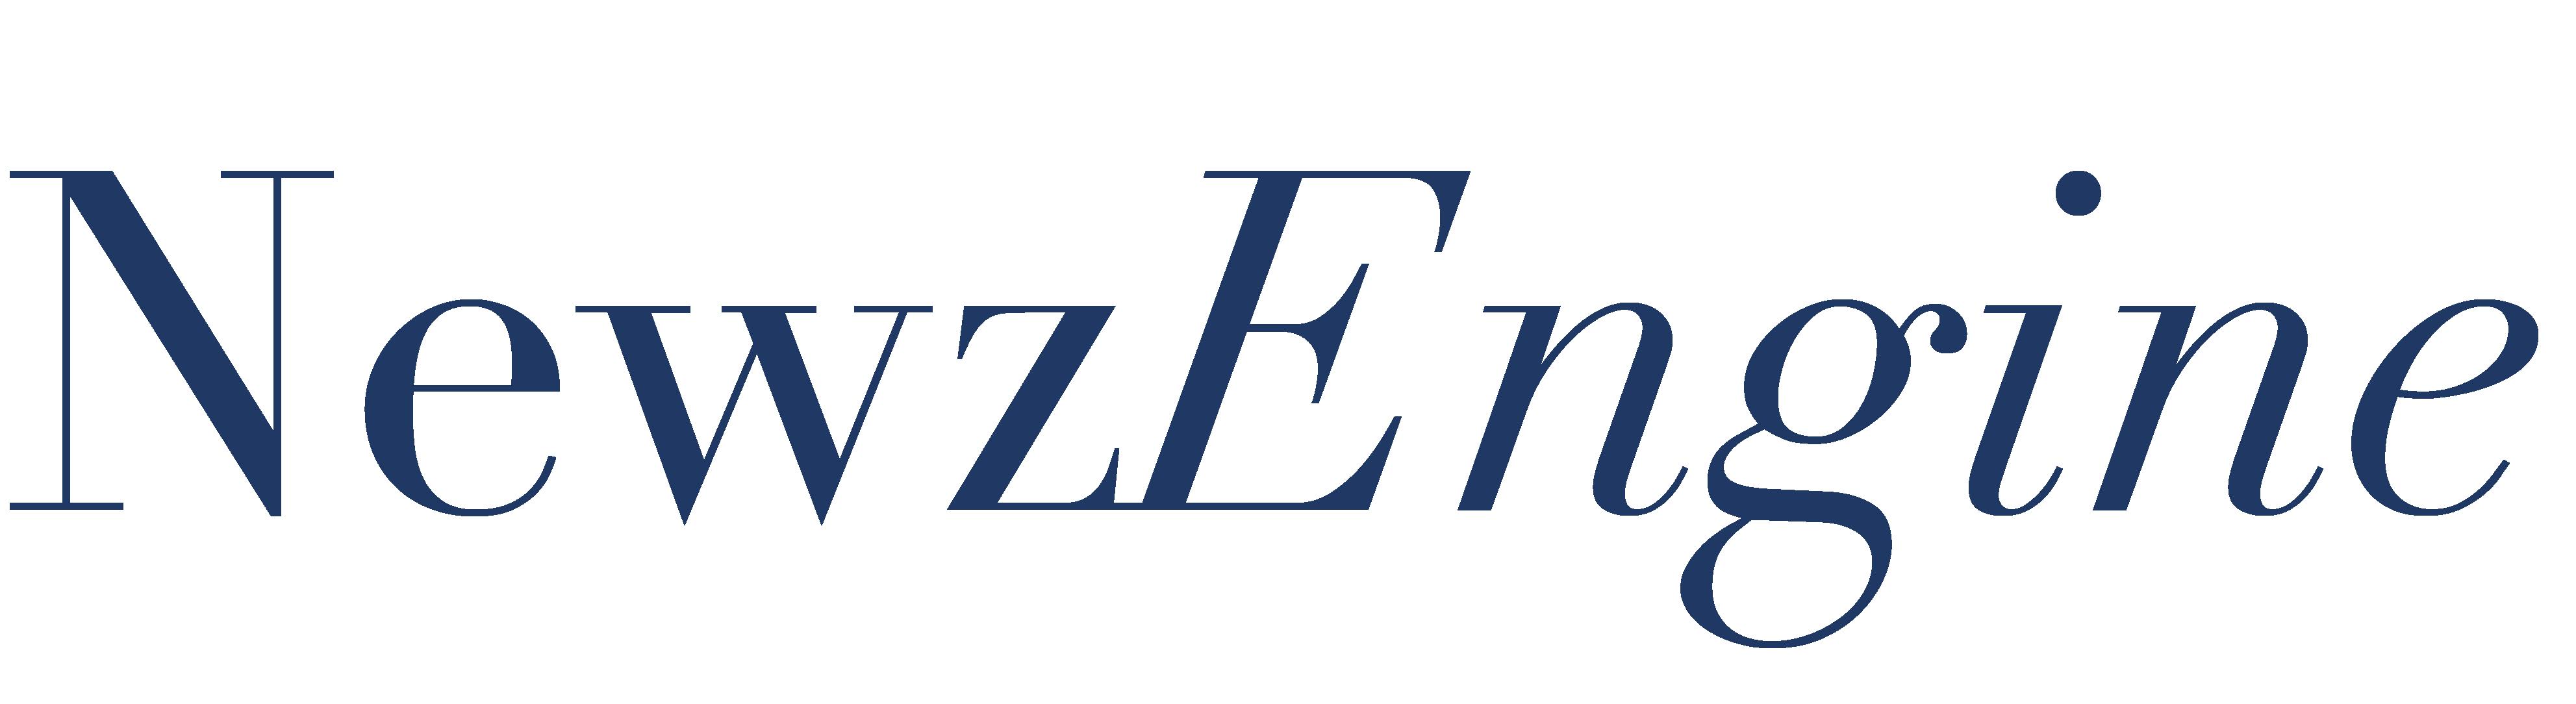 NewzEngine.com